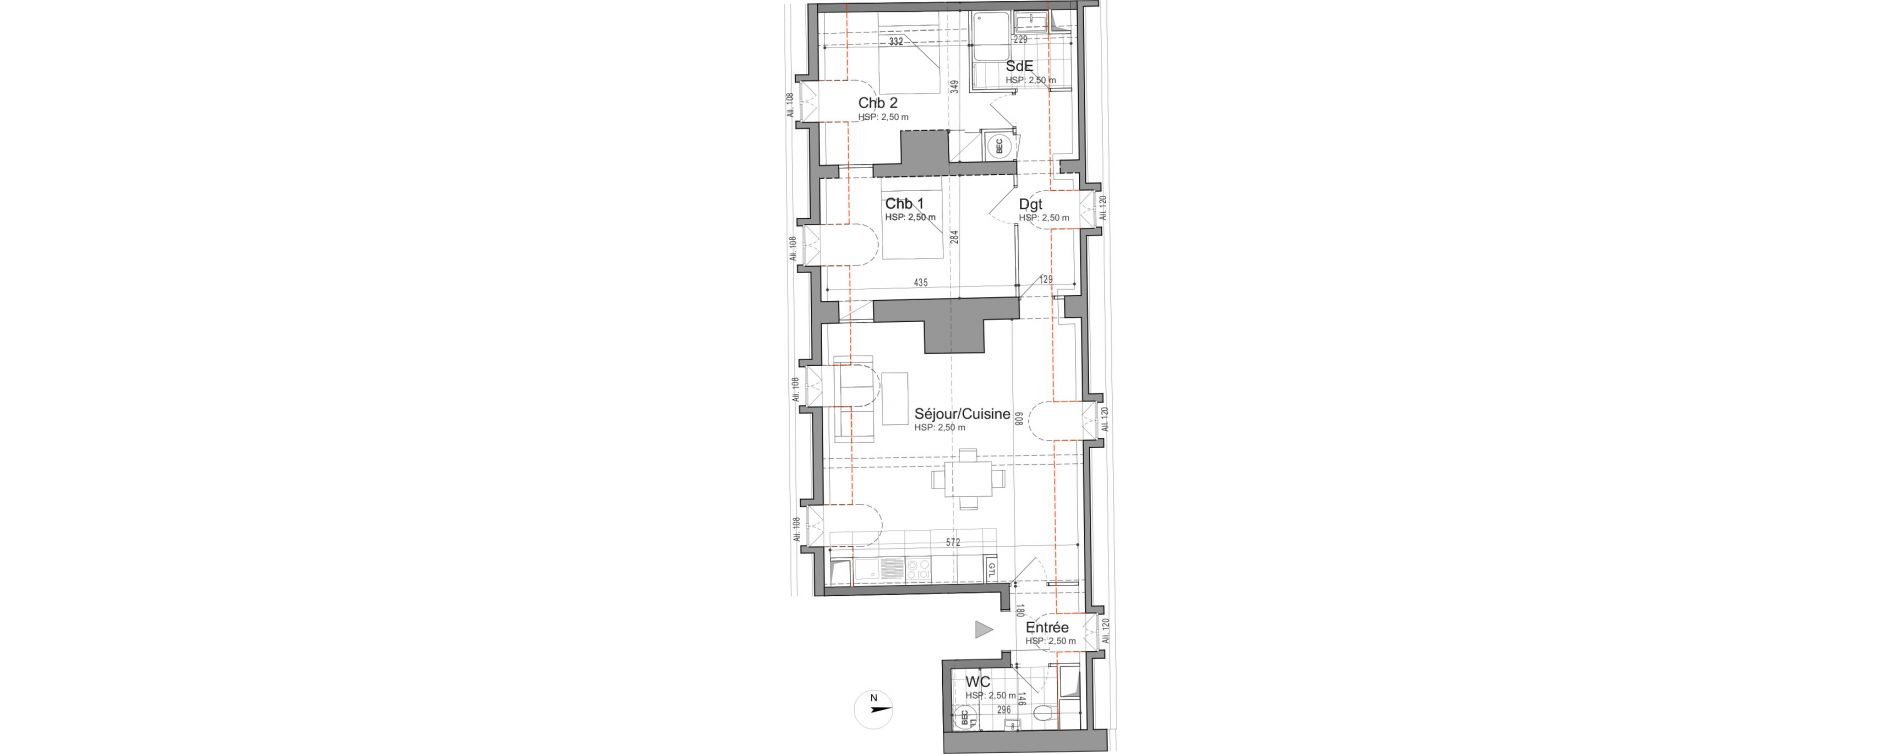 Appartement T3 de 65,65 m2 à Jouars-Pontchartrain Centre